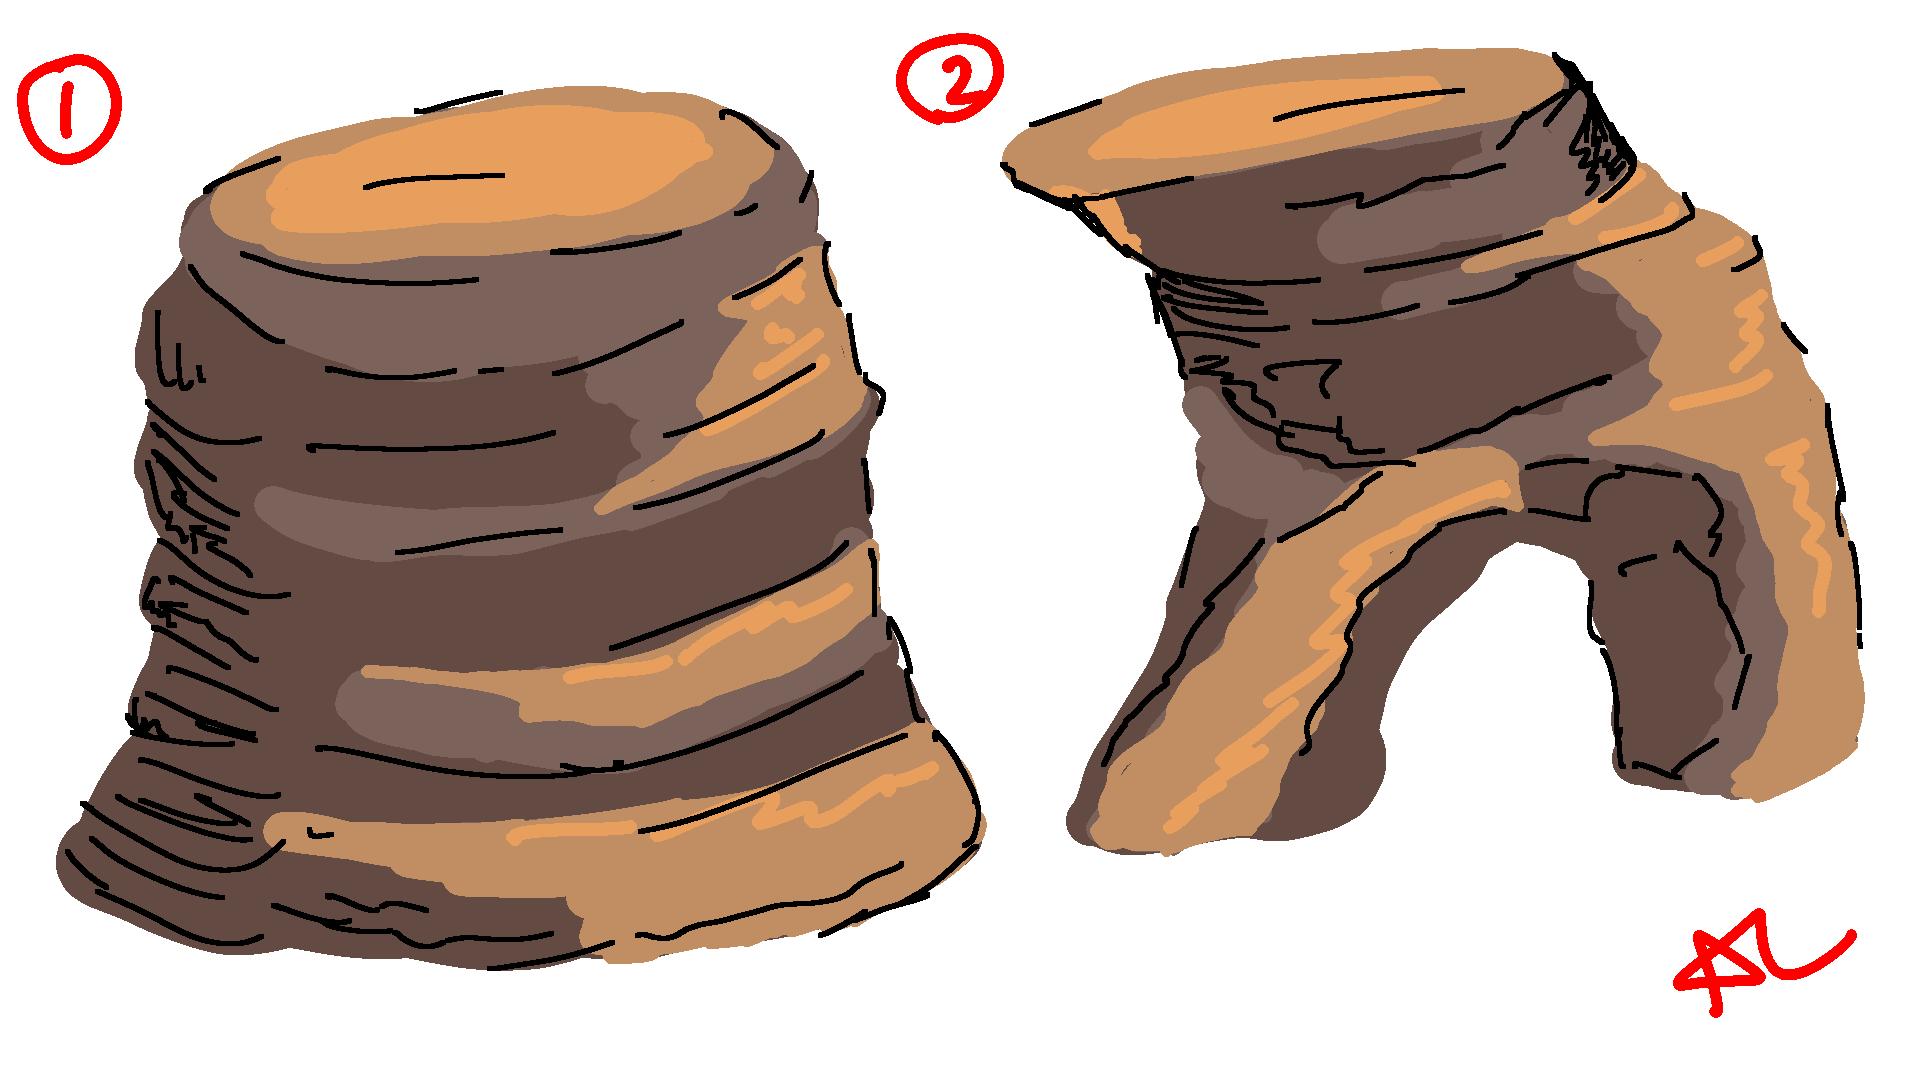 001_RocksFlat01.png